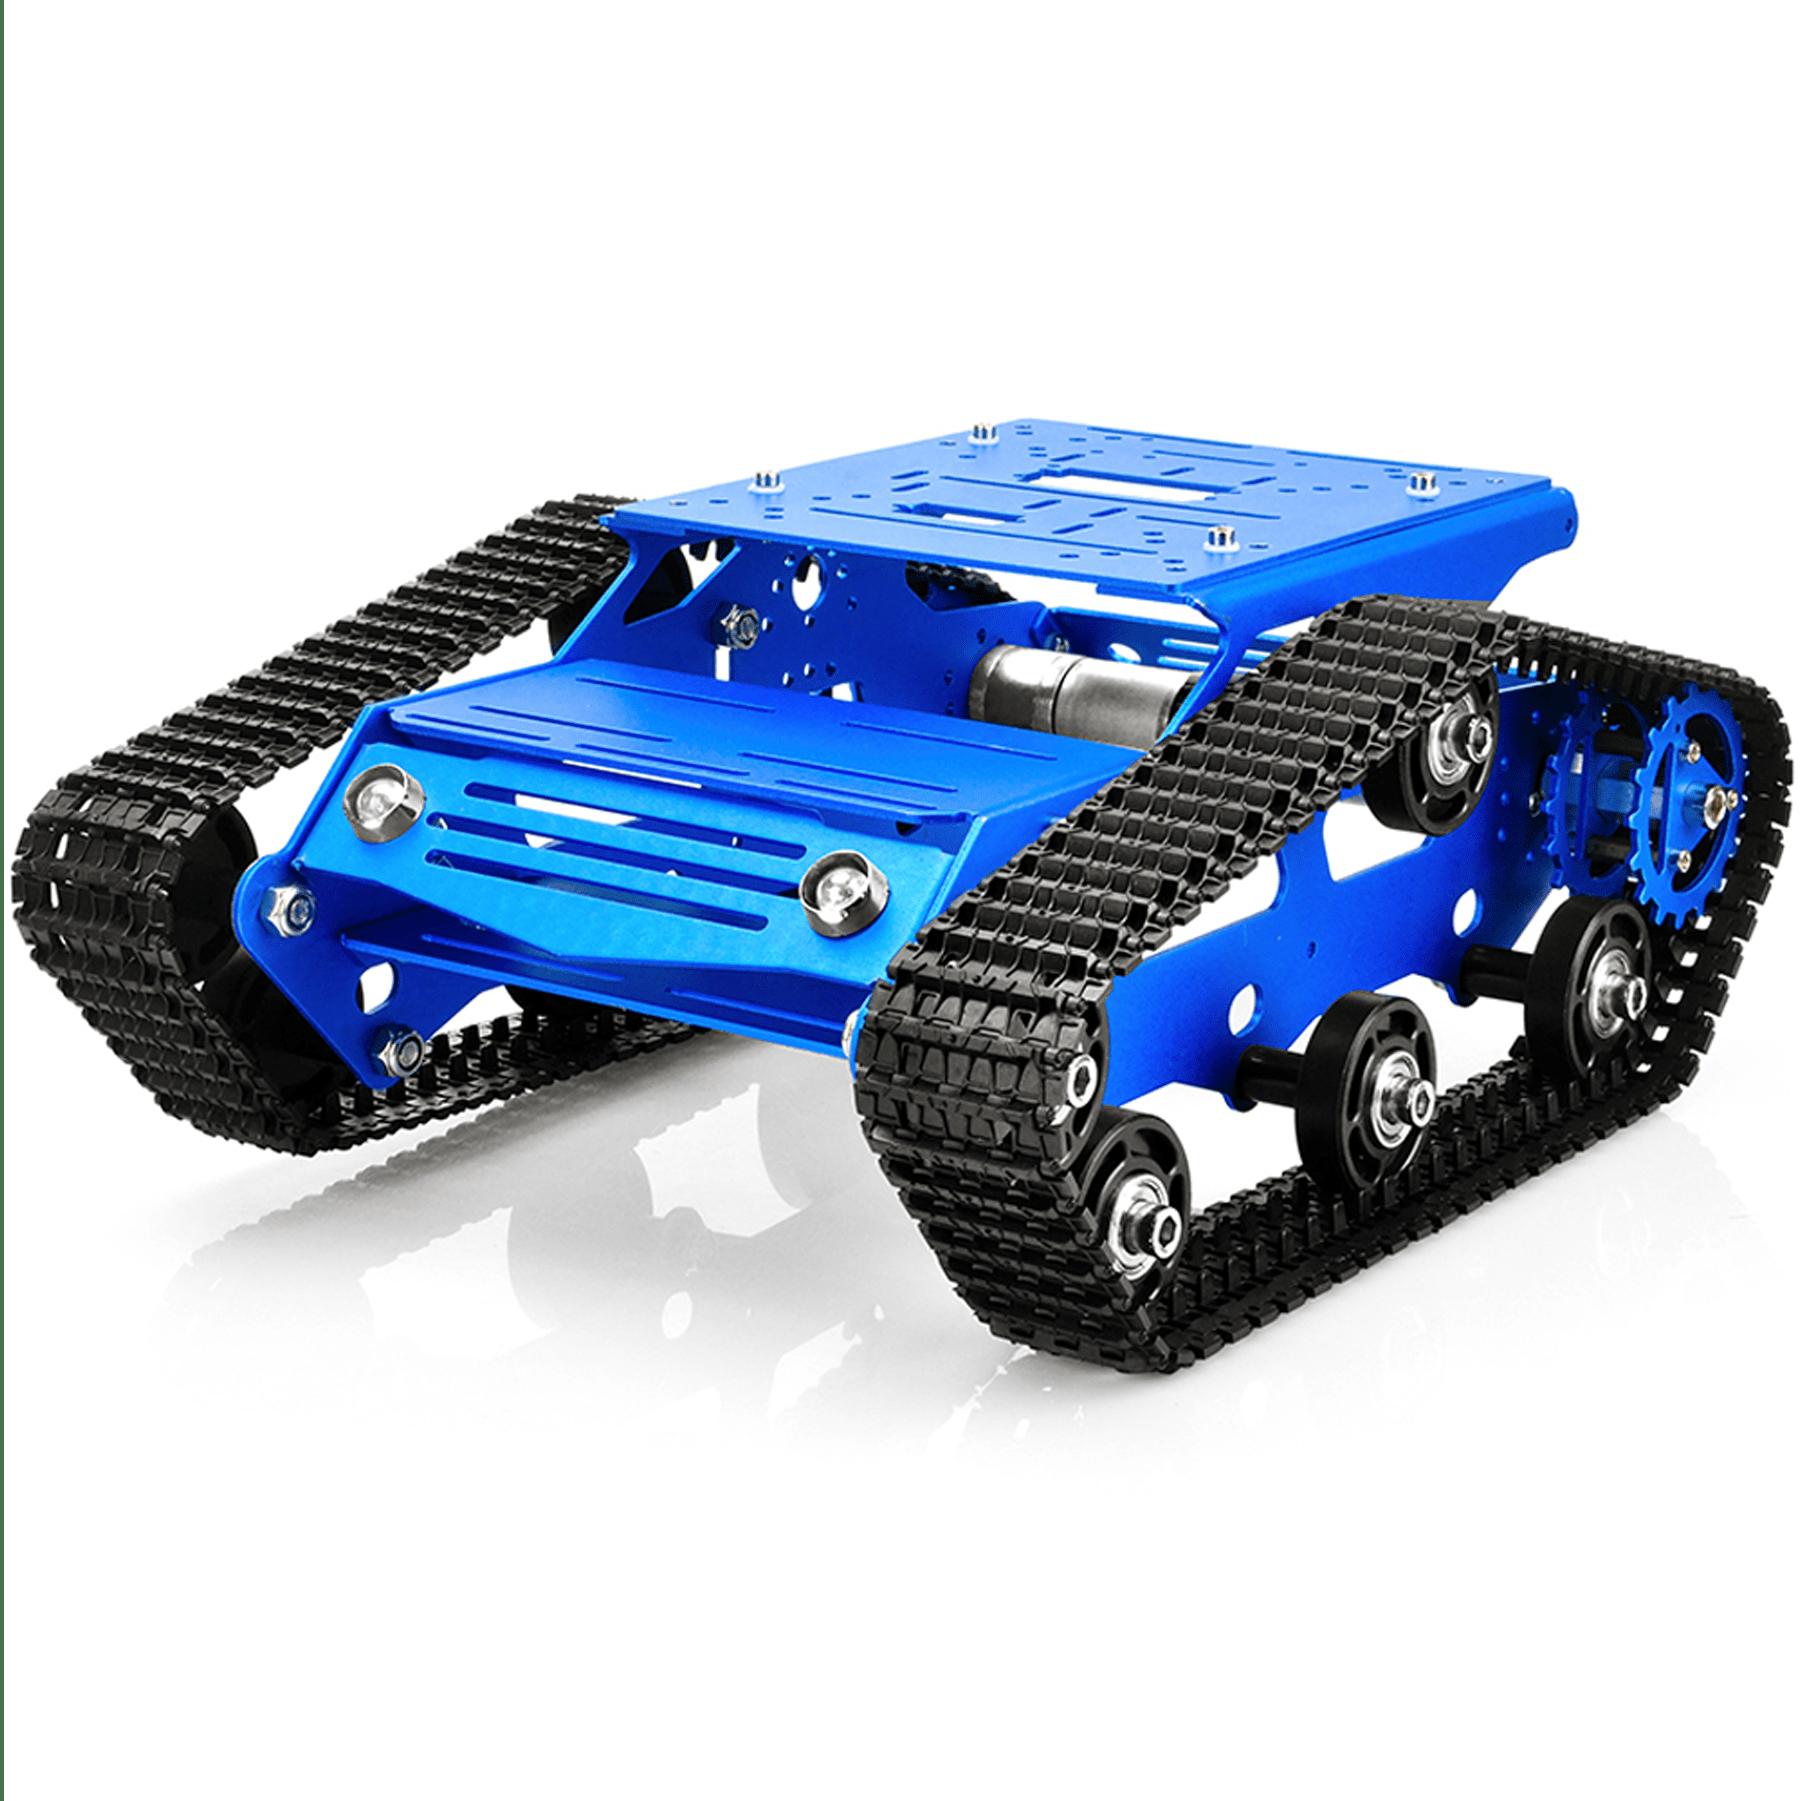 Robot Tank Car V2.0 Kit Lesson1(2): Tank car control board basic assembly